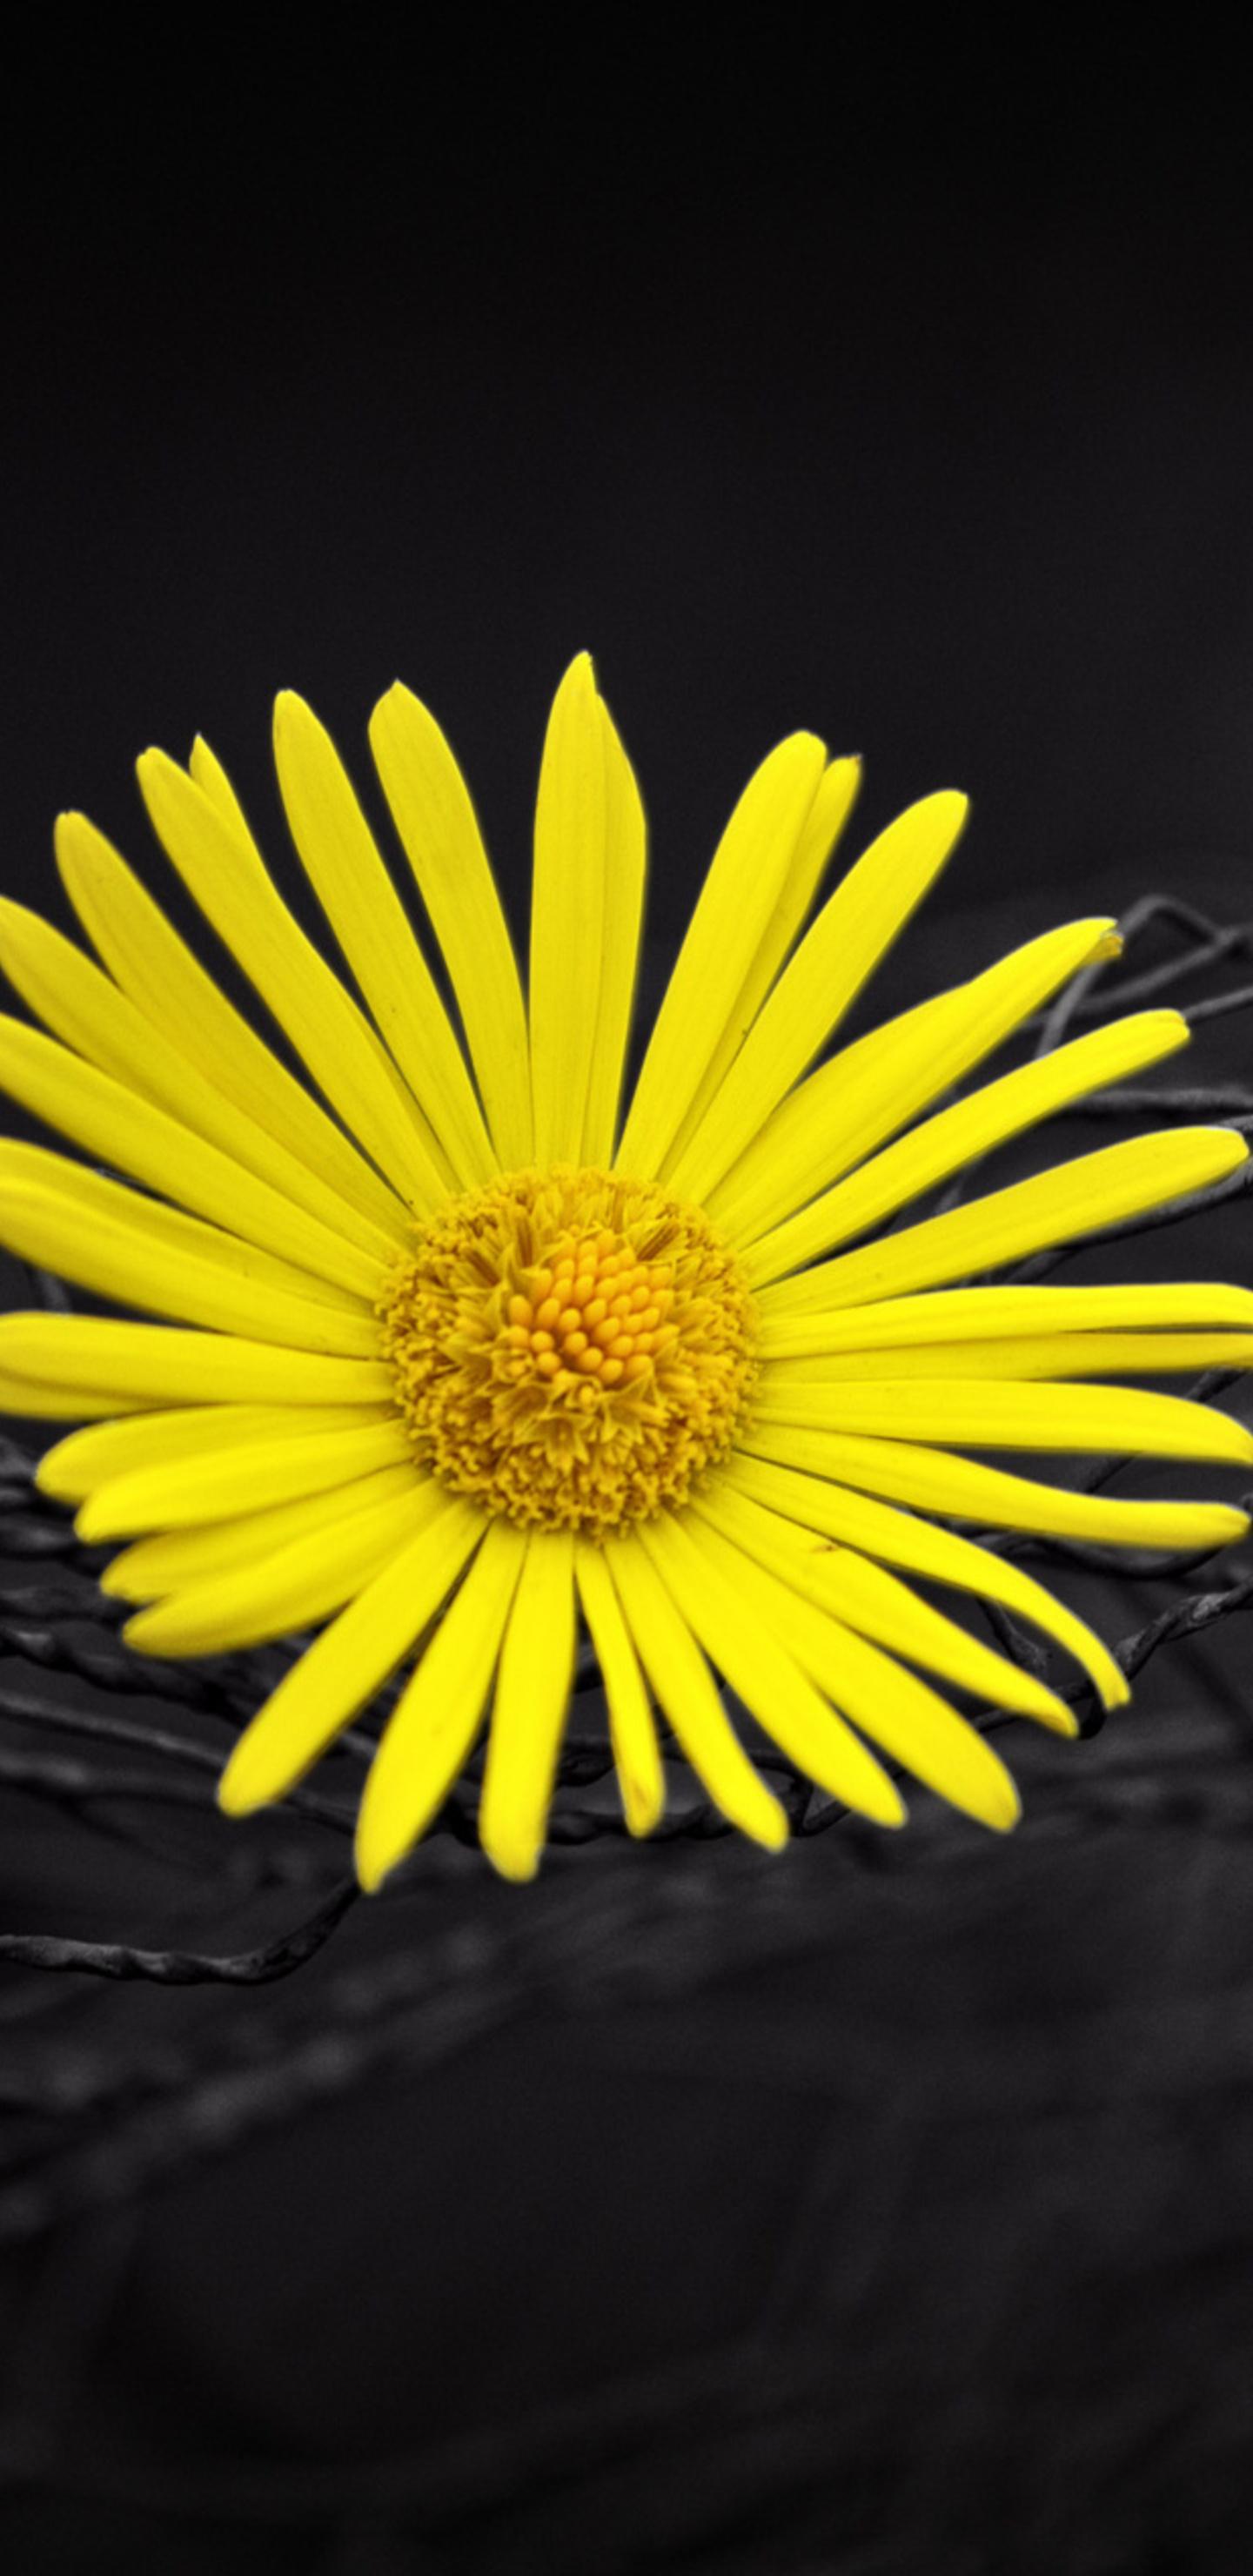 1440x2960 yellow flower fence dark black background samsung galaxy yellow flower fence dark black background exg mightylinksfo